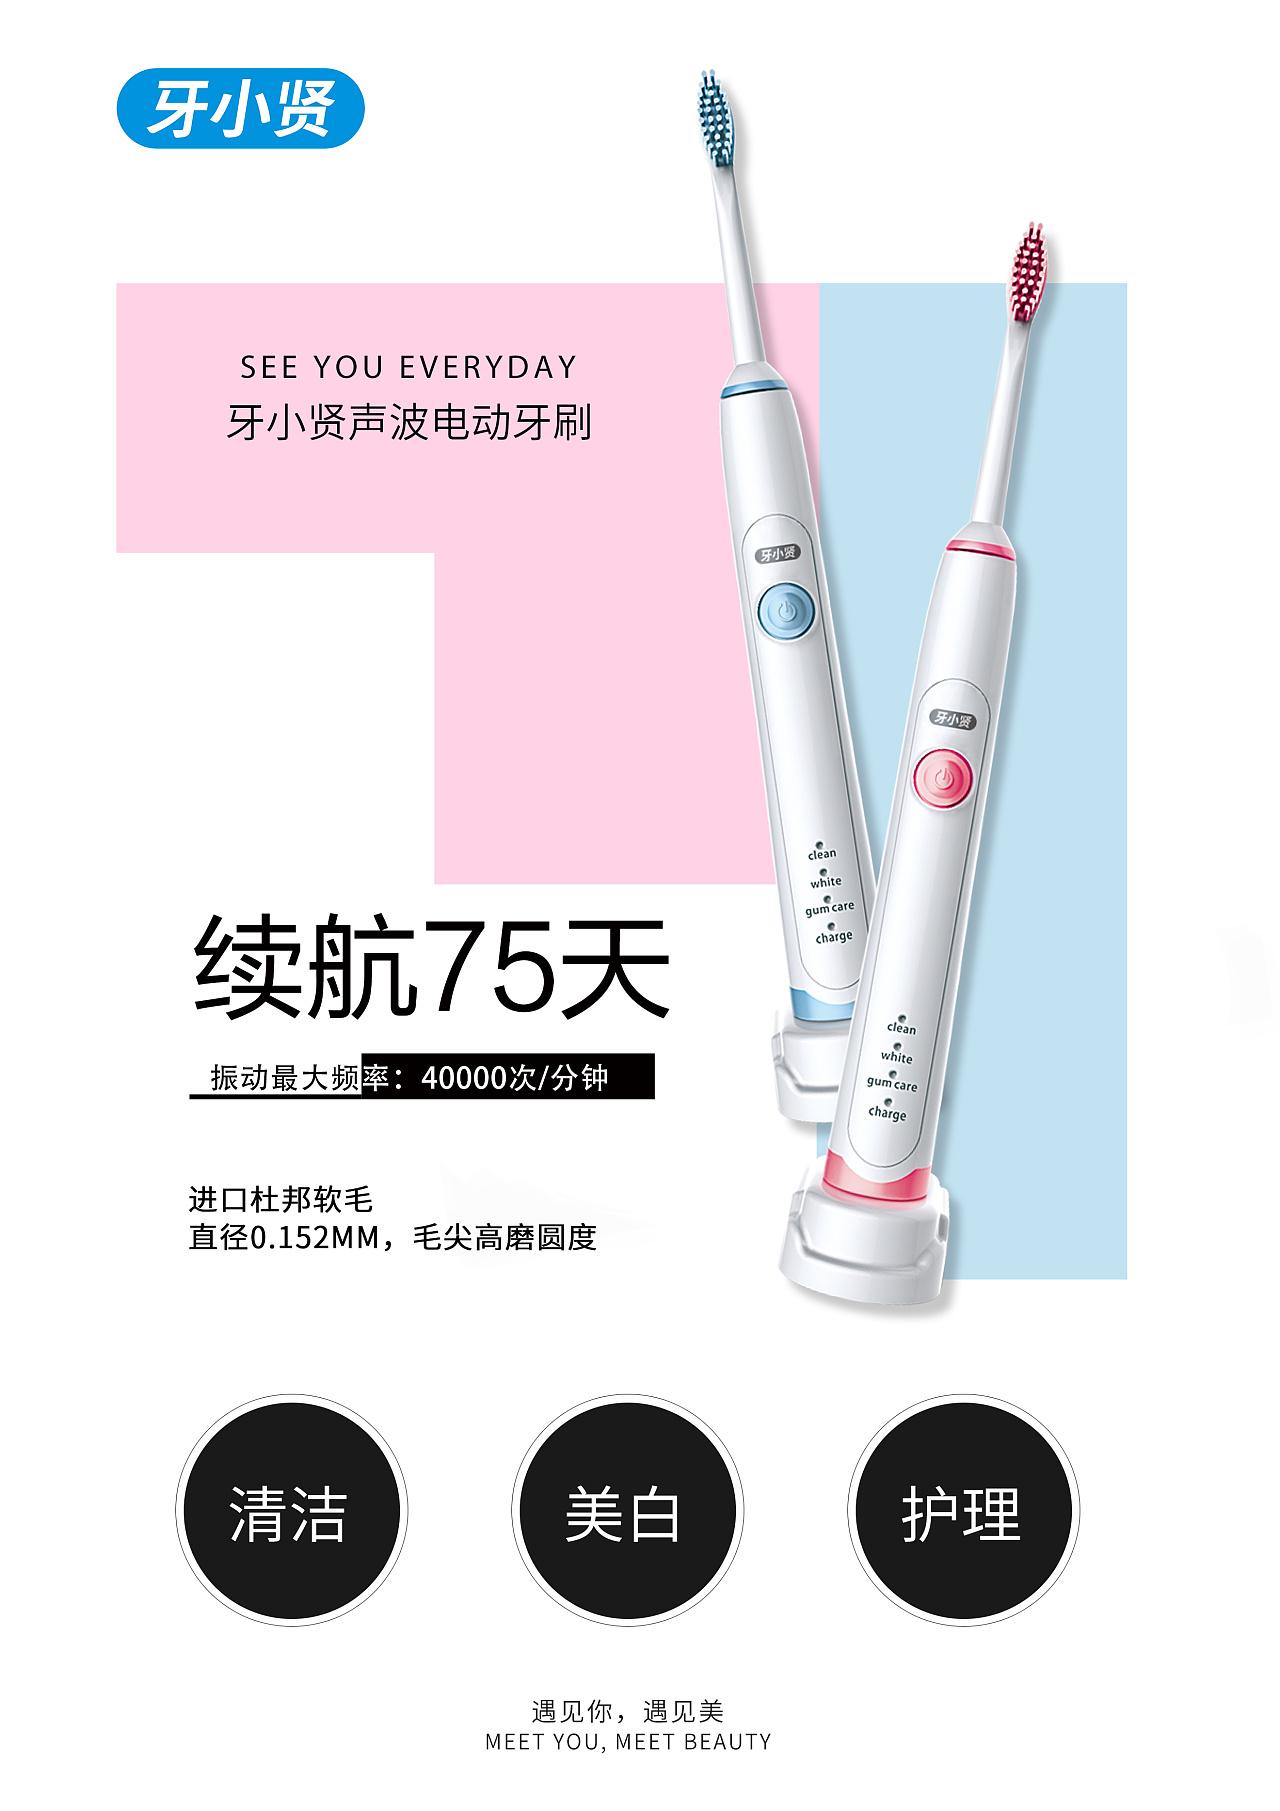 电动牙刷活动促销海报设计